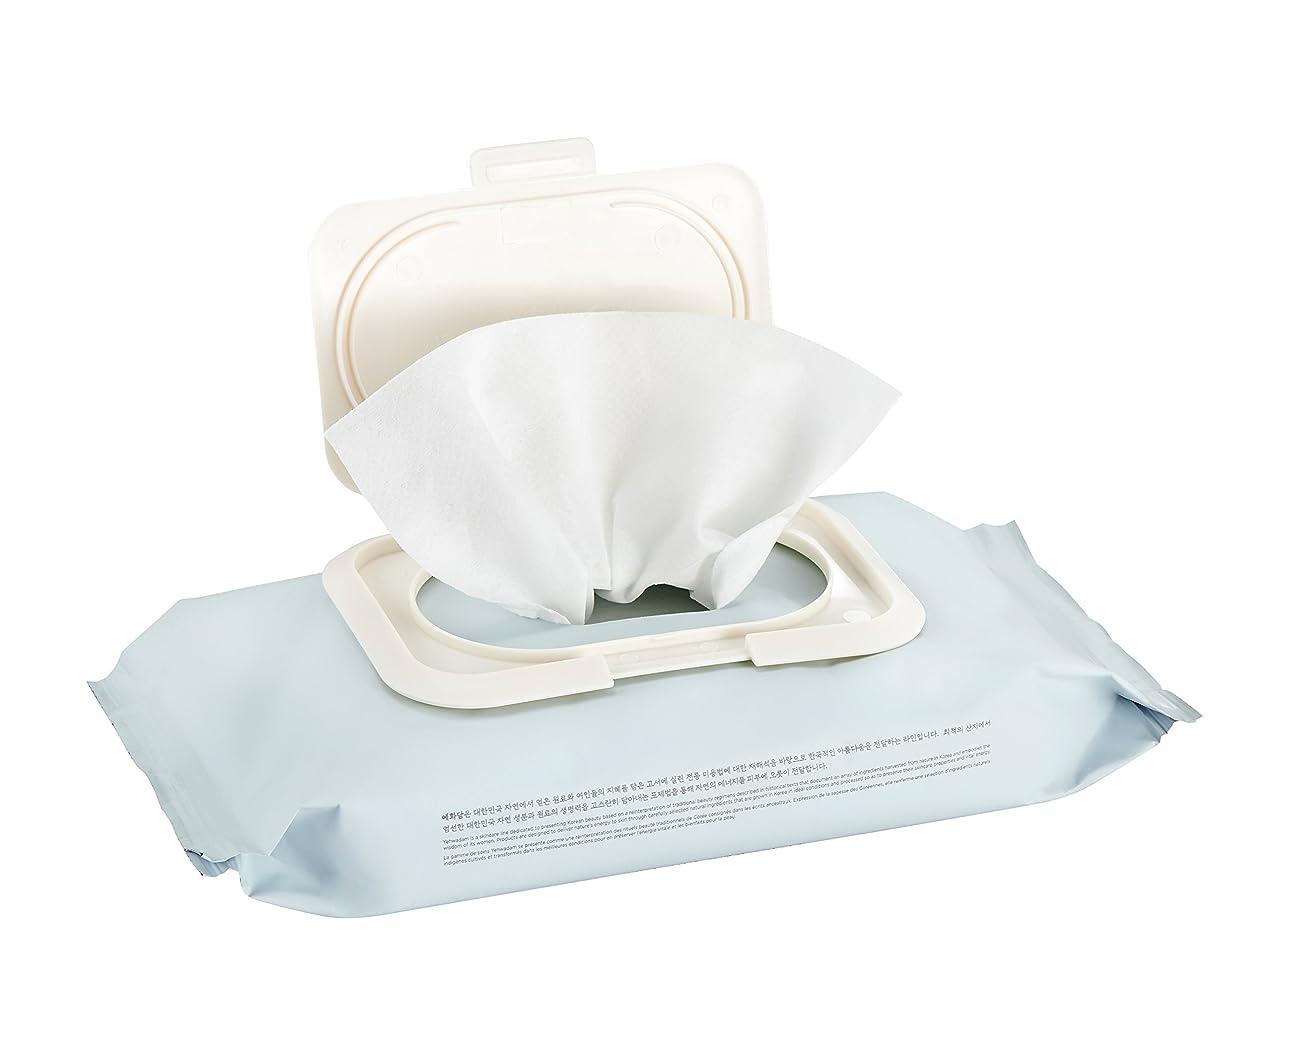 弁護人低い征服[NEW] ザ?フェイスショップ イェファダム 高保湿クレンジングオイルティッシュ 50枚 / THE FACE SHOP Yehwadam High moisturizing cleansing oil tissue 50 sheets